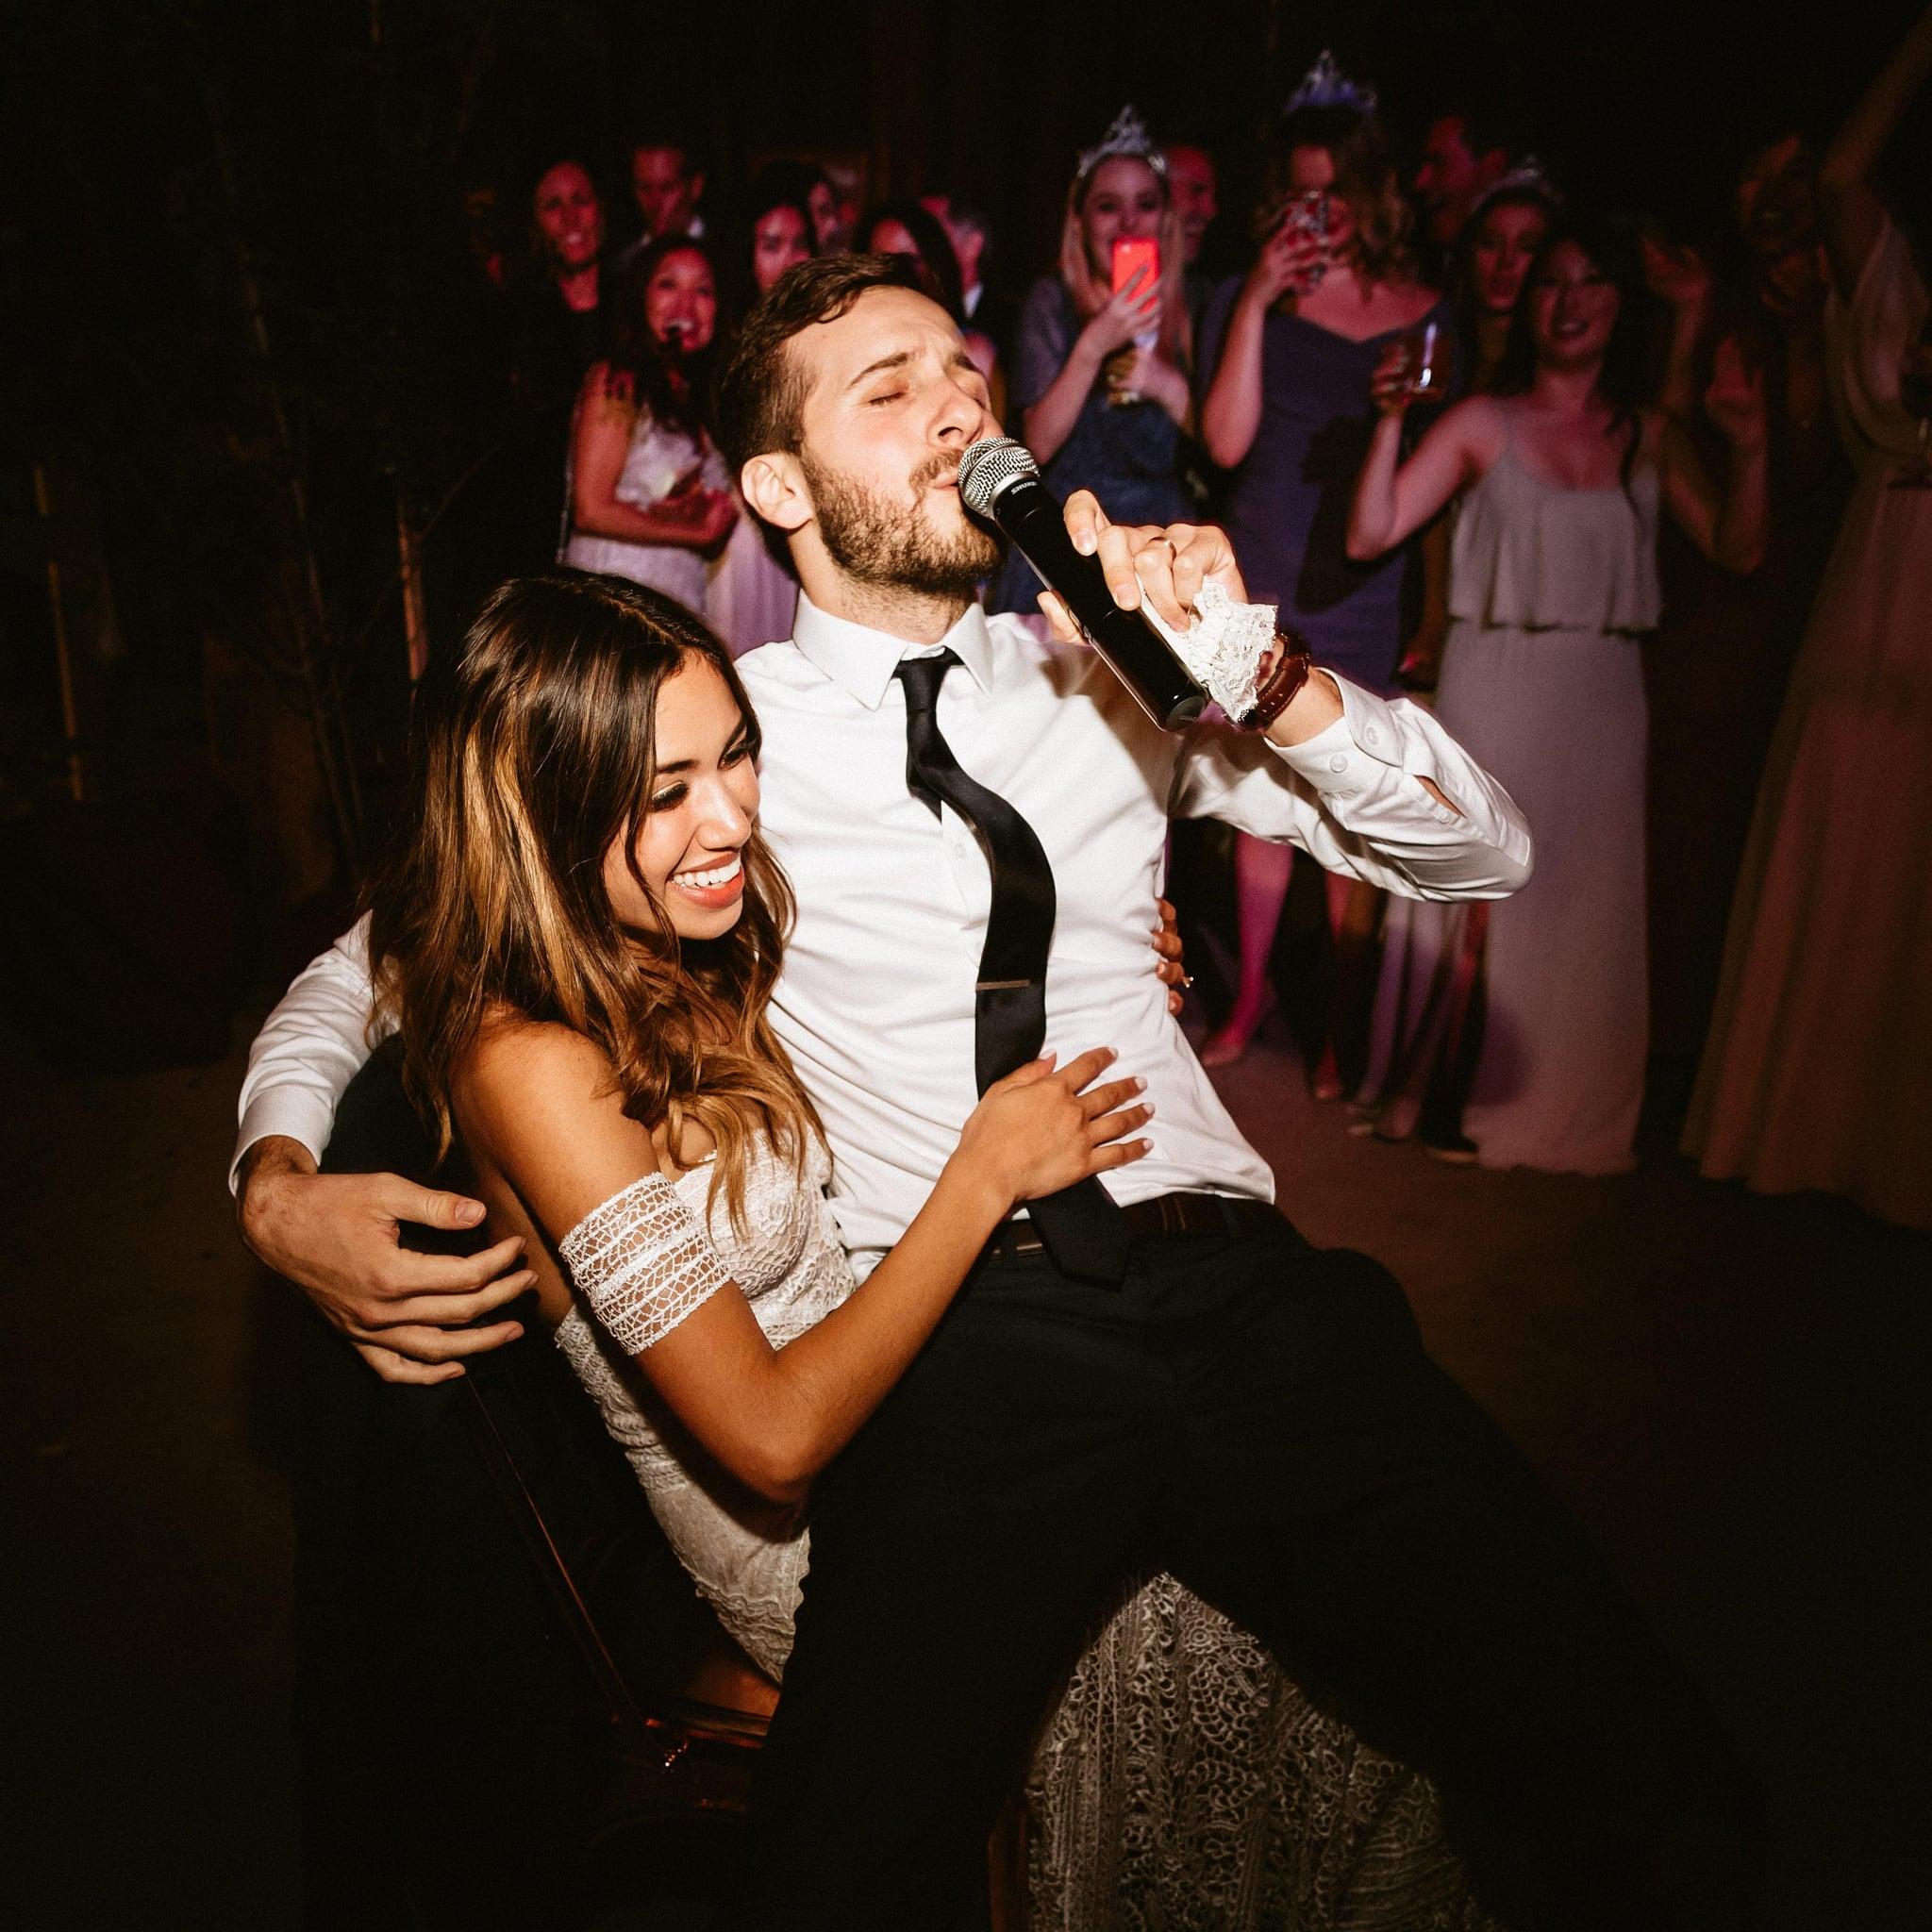 Best Dance Songs For Weddings 2018 | POPSUGAR Entertainment